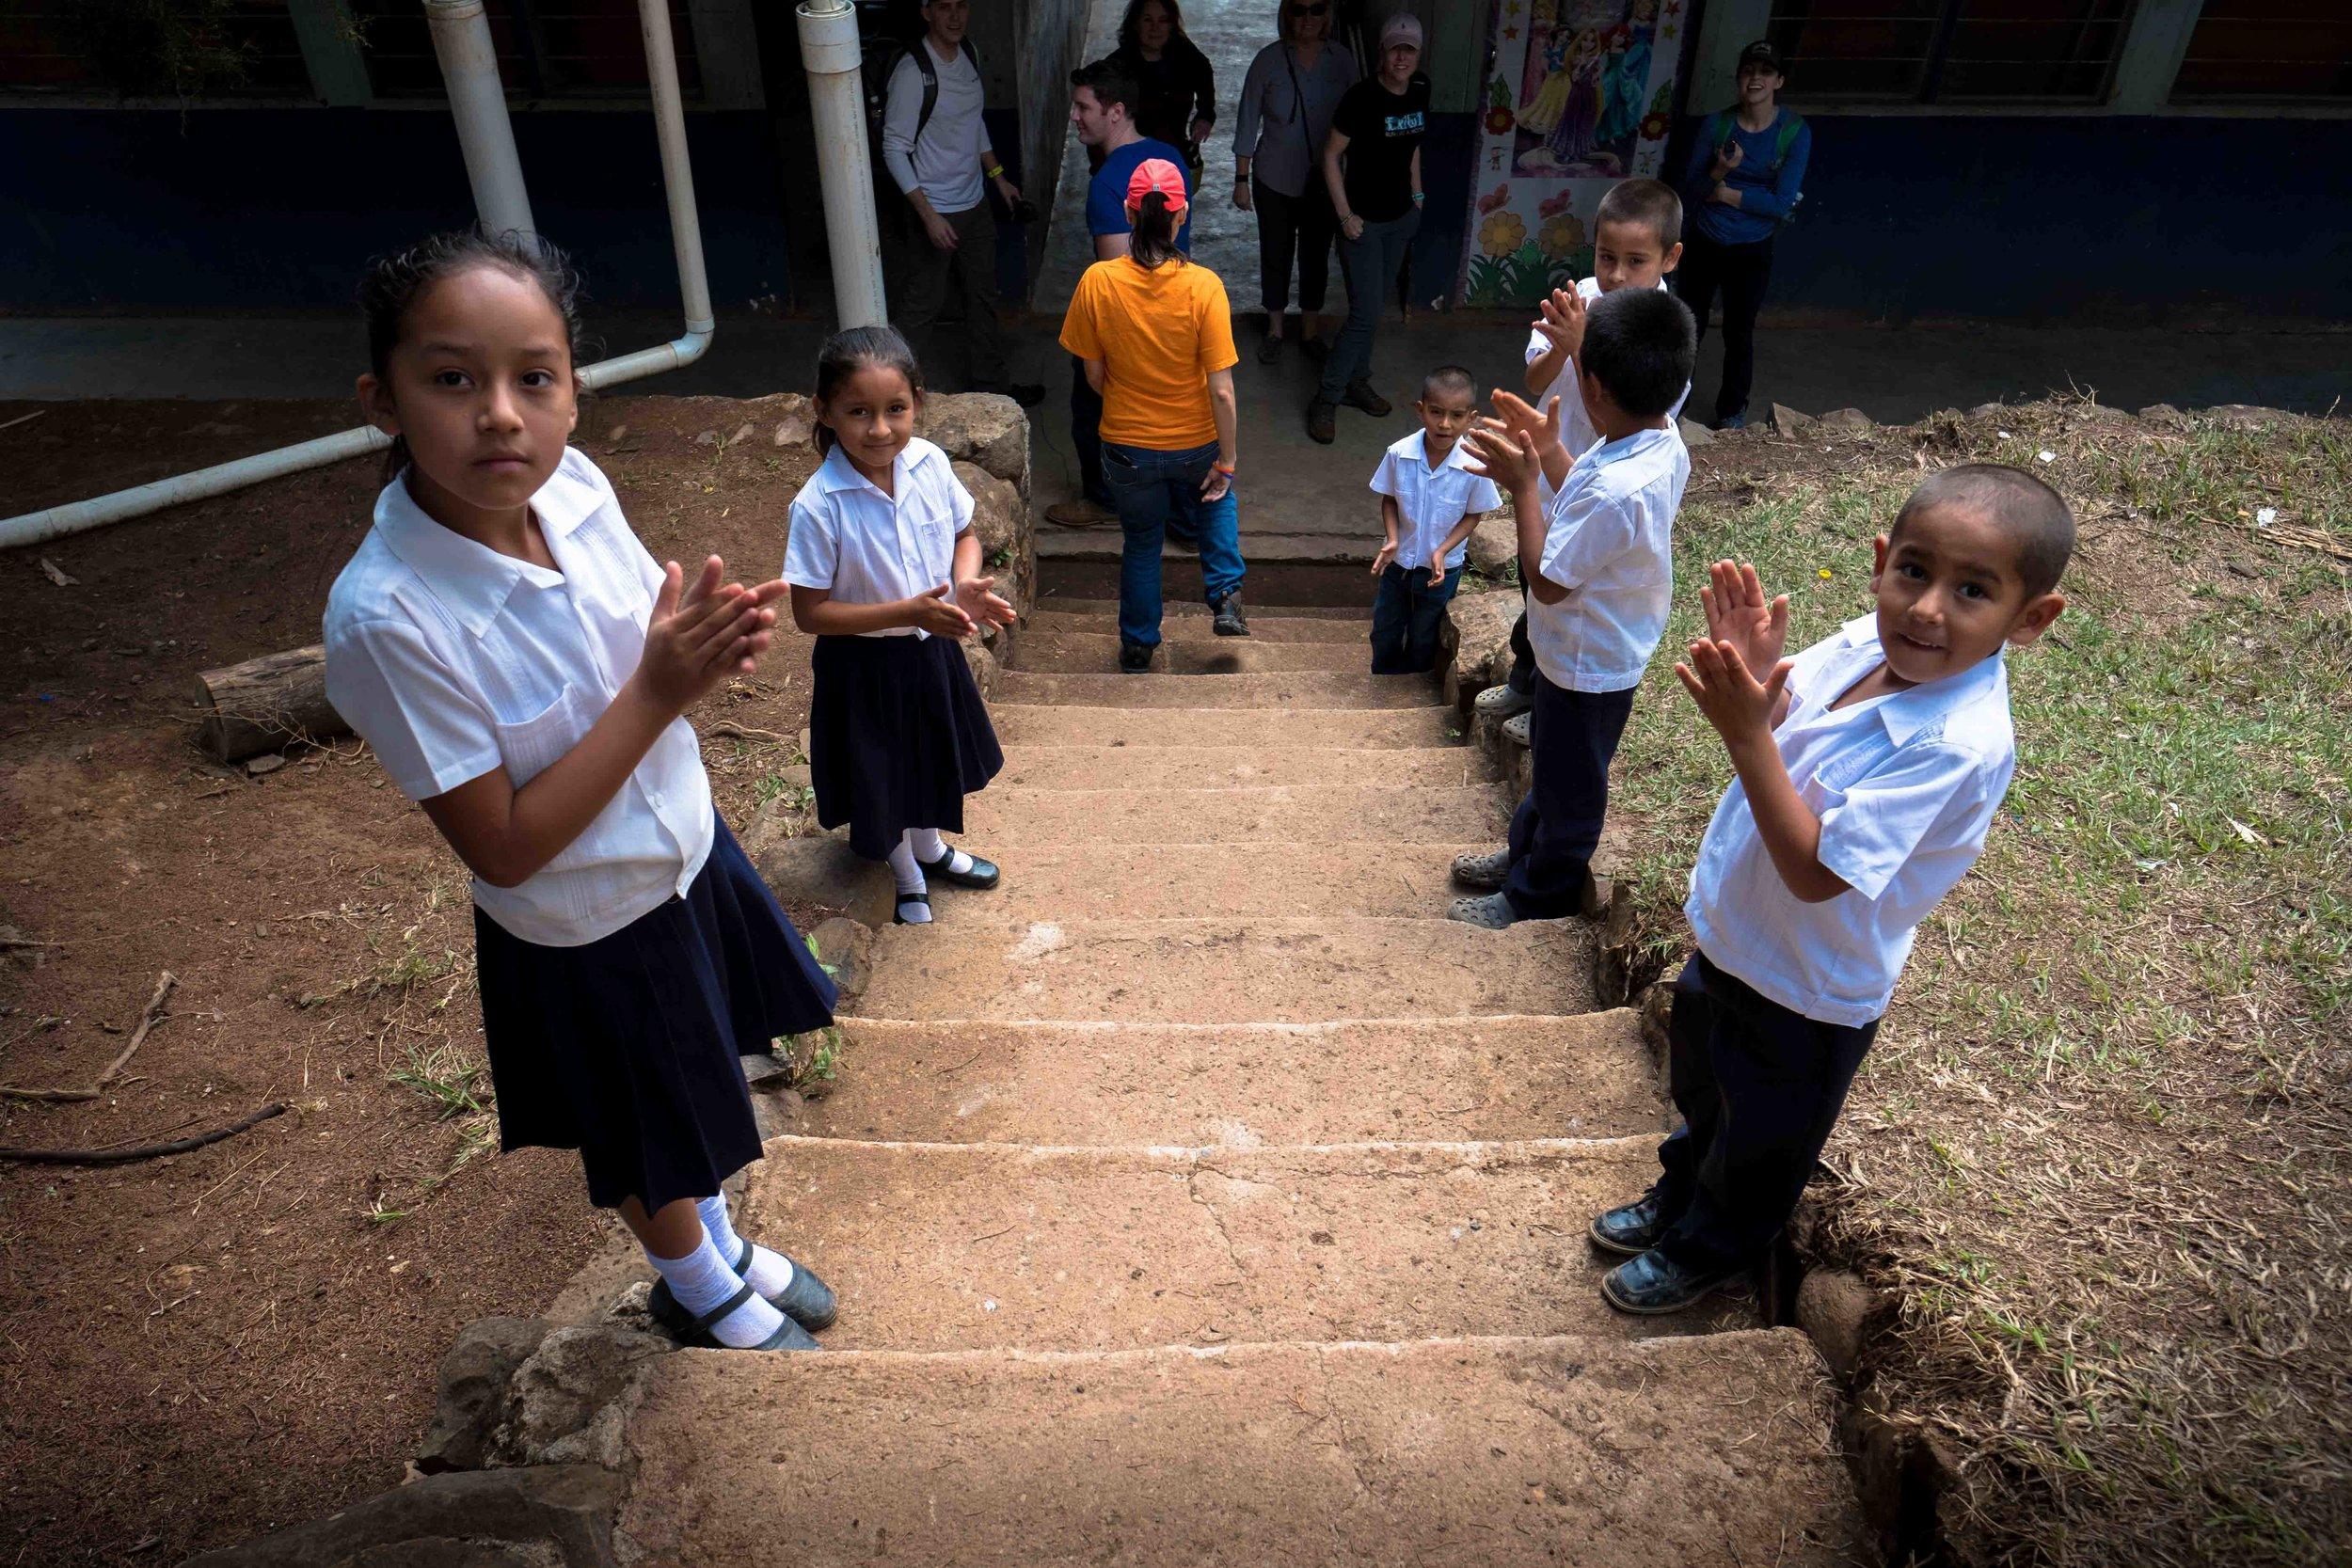 Honduras 18 day 2 welcome children clap.jpg